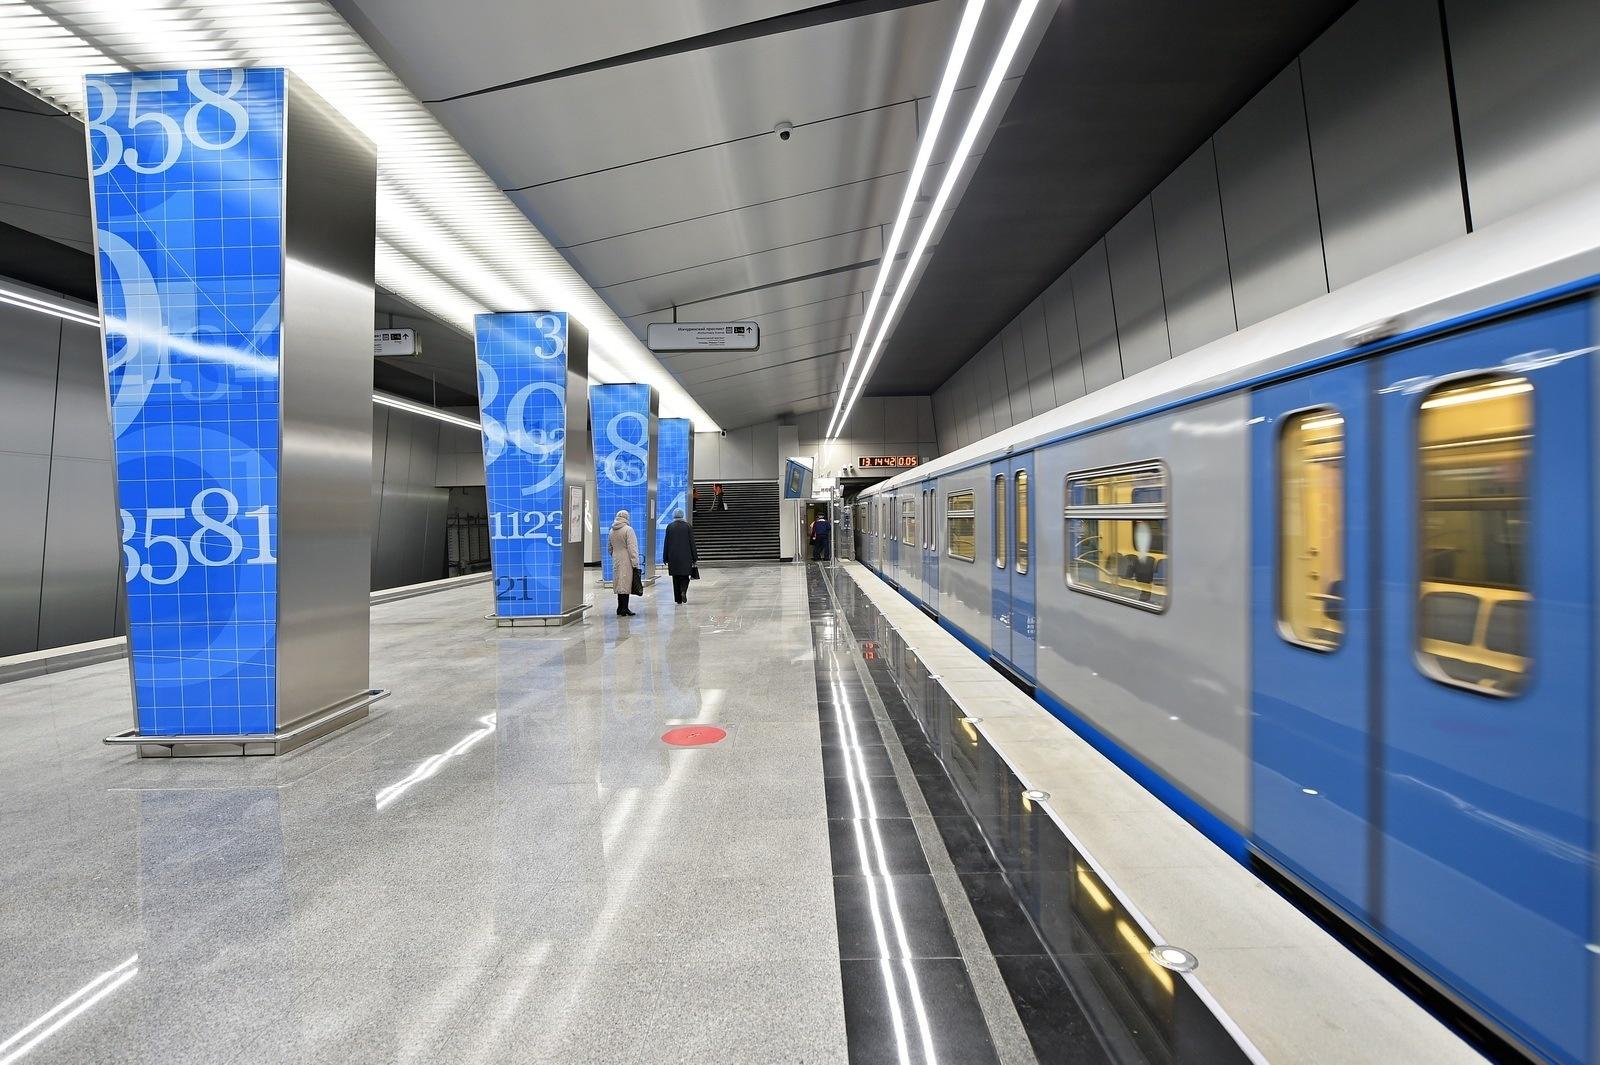 Картинки по запросу В Петербурге откроют две новые станции метро уже весной следующего года